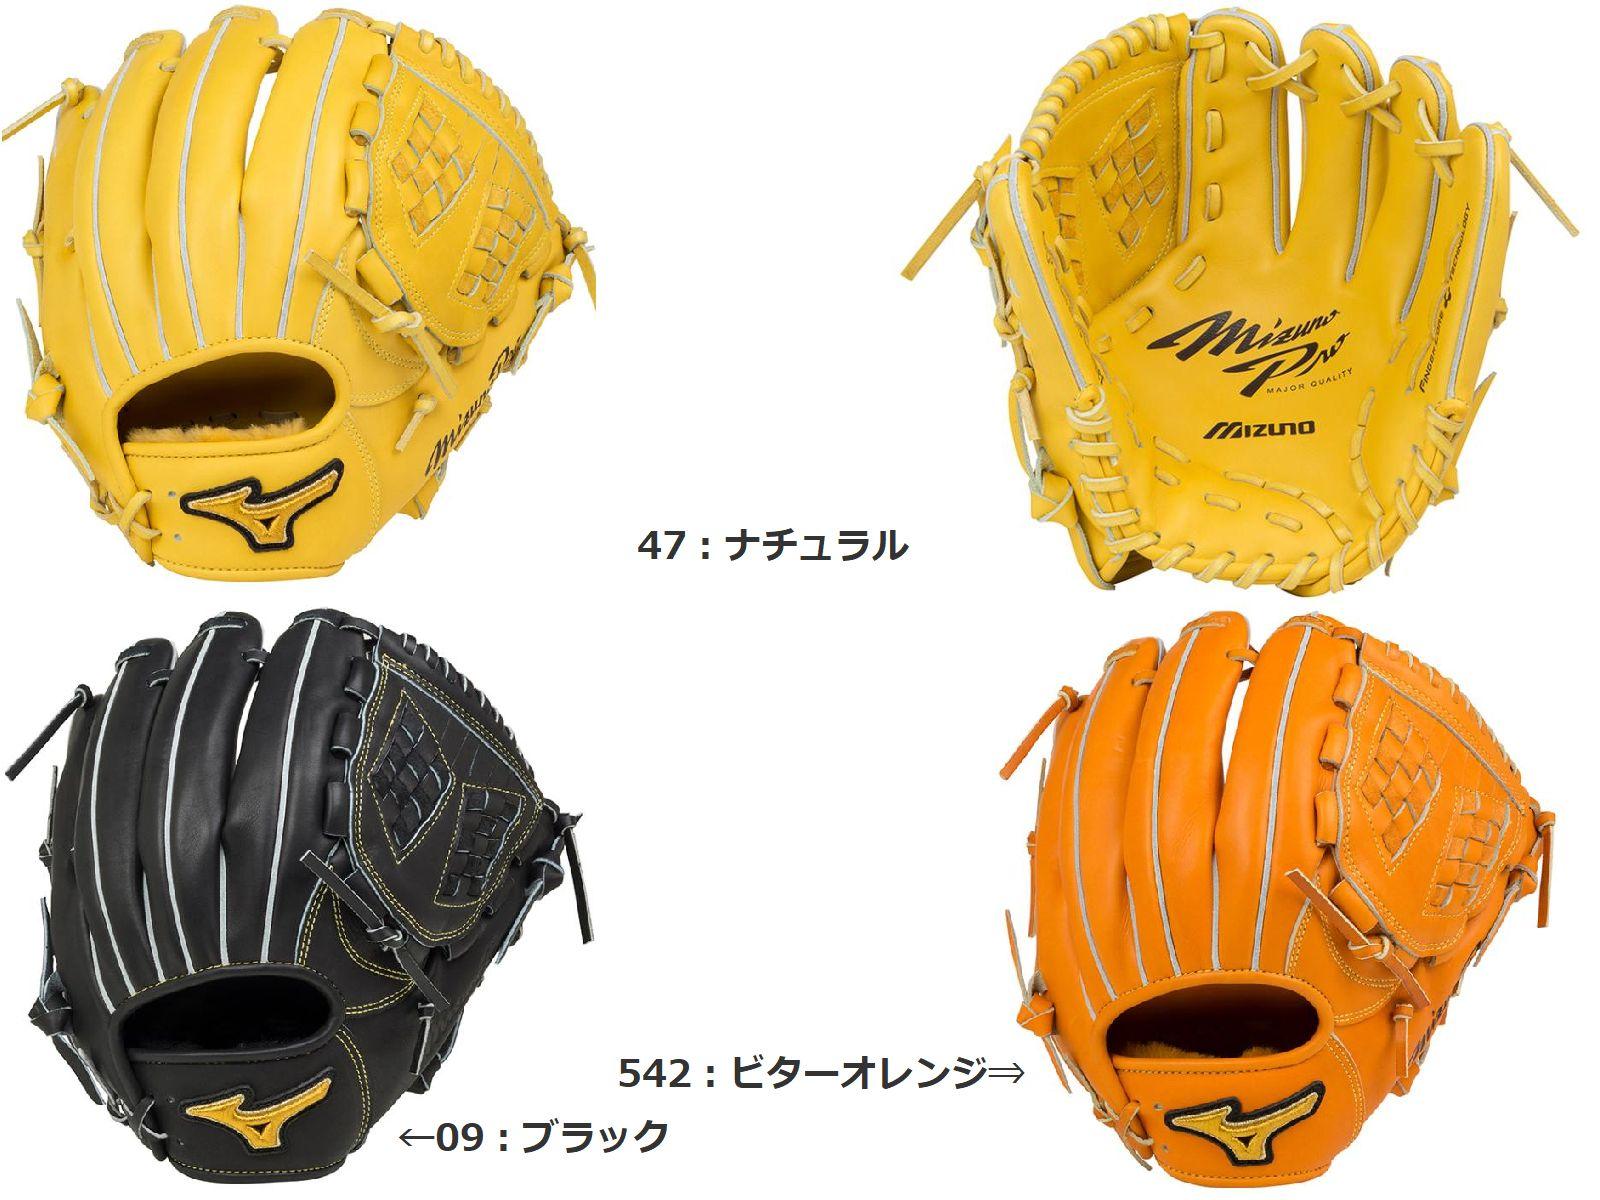 【Mizuno Pro=ミズノプロ】野球 一般 硬式用 グラブ グローブ<フィンガーコアテクノロジー【内野手用1 4/6(二塁手・遊撃手向)】【ジェネラルキップレザー】>[ポケット浅めタイプ](サイズ:8)<ナチュラル/ビターオレンジ/ブラック>(右投用)